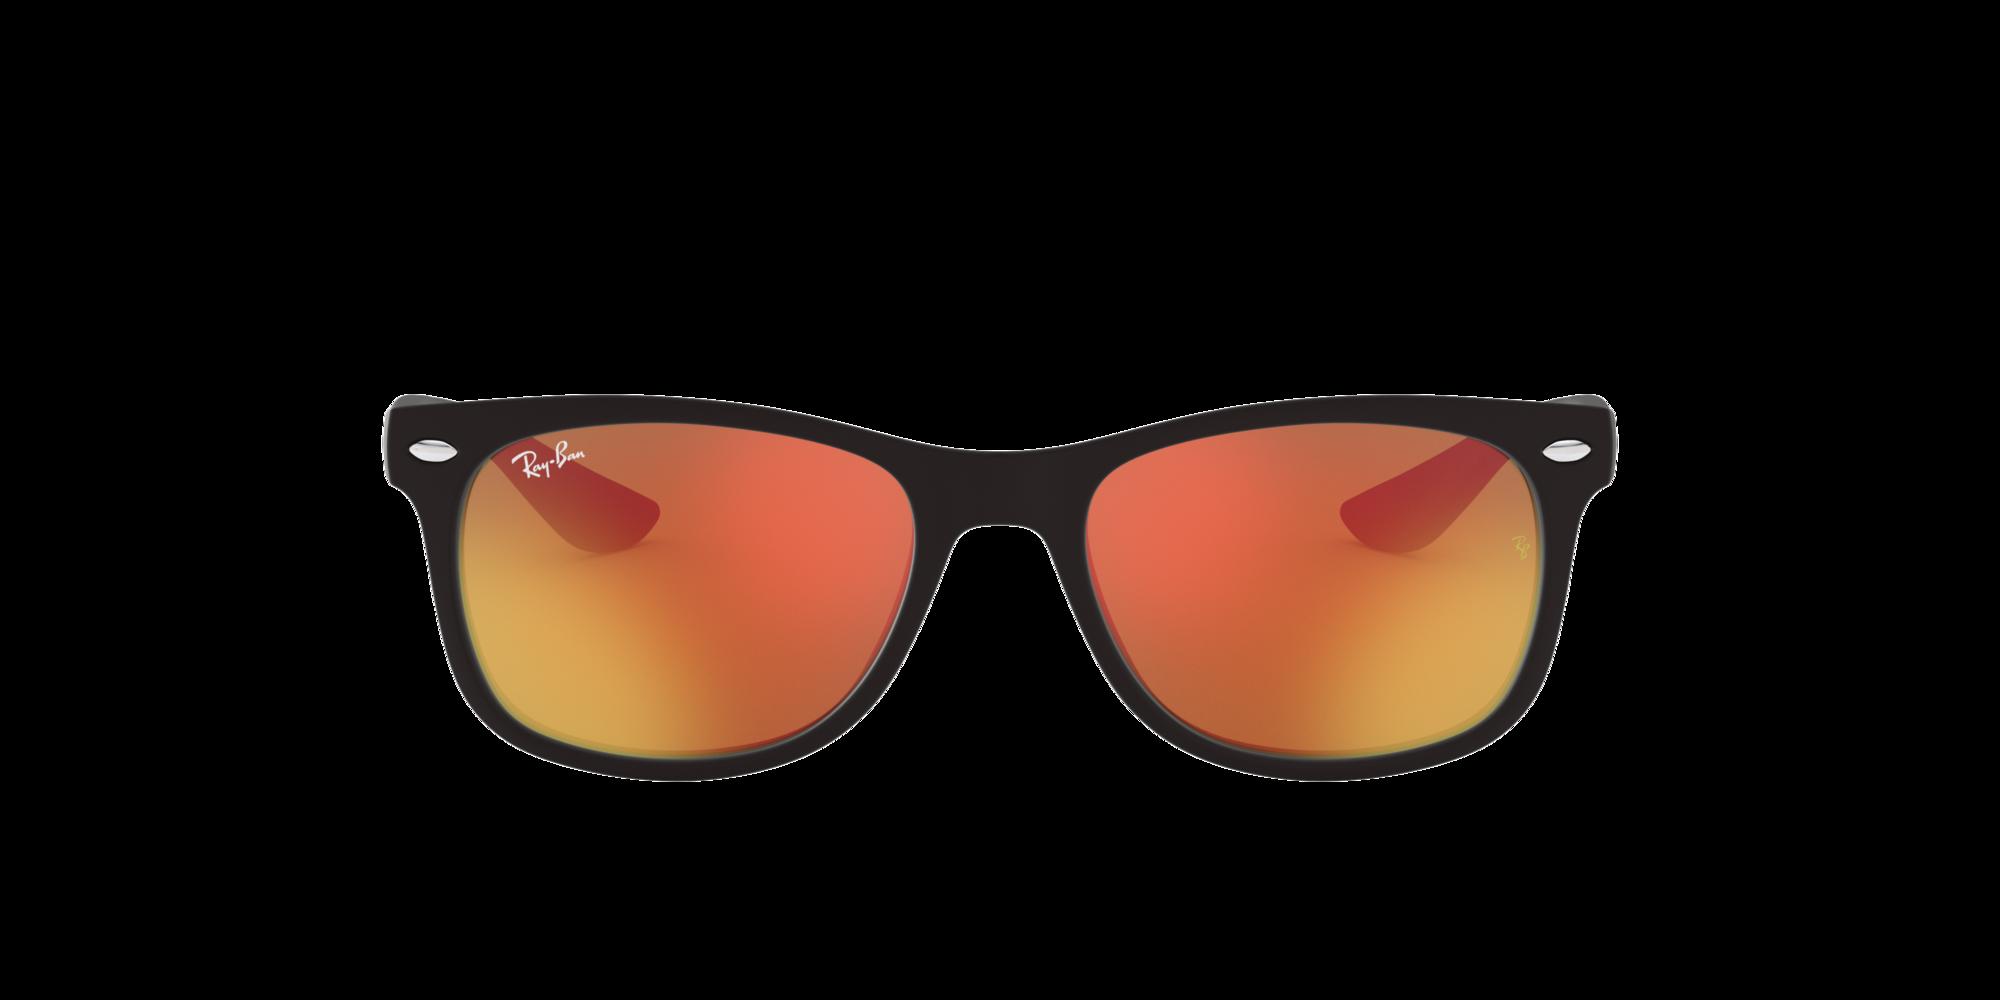 Imagen para RJ9052S 47 JUNIOR NEW WAYFARER de LensCrafters |  Espejuelos, espejuelos graduados en línea, gafas